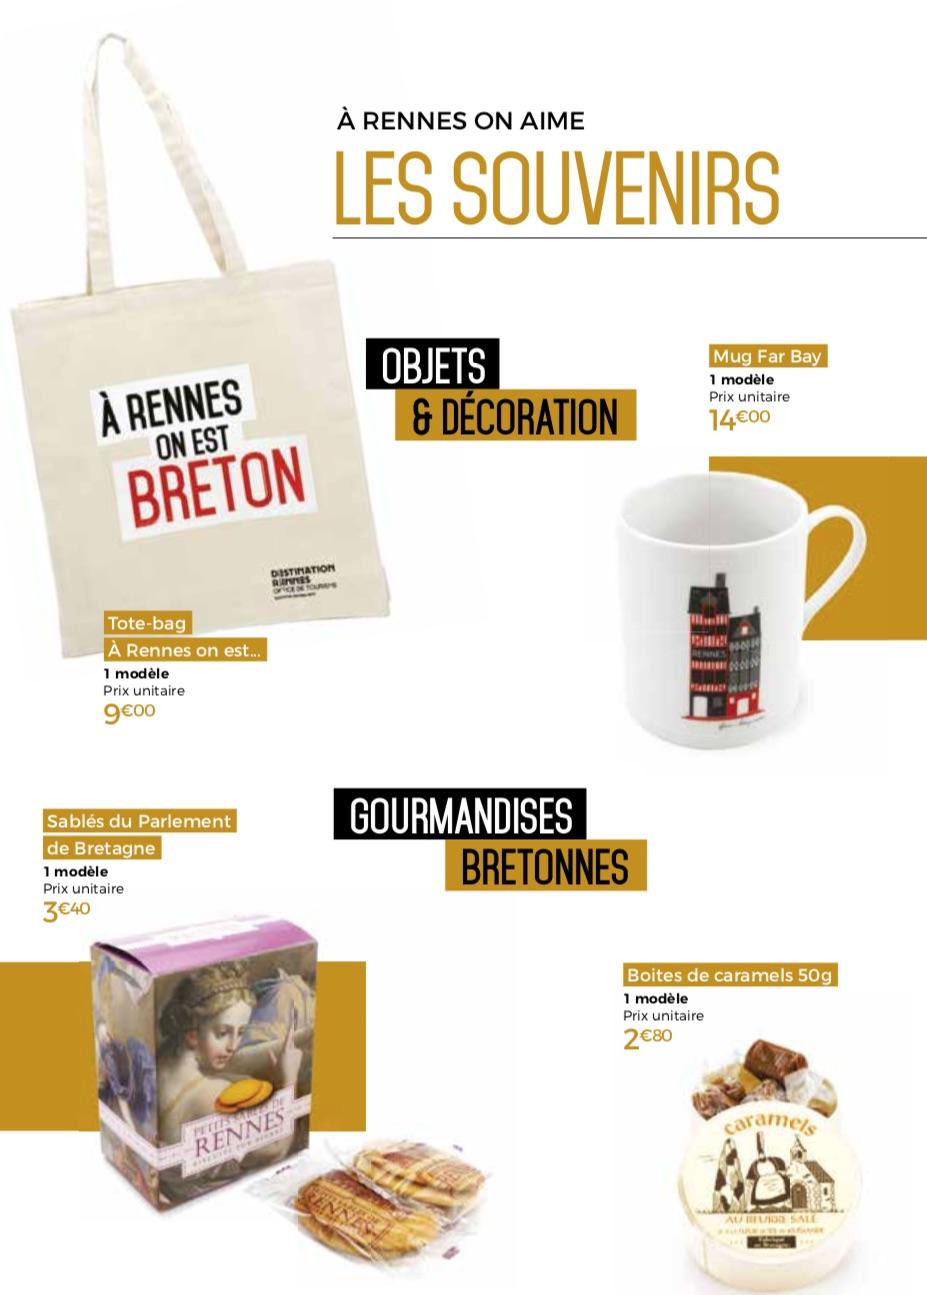 Souvenirs de la boutique de l'office du tourisme de Rennes